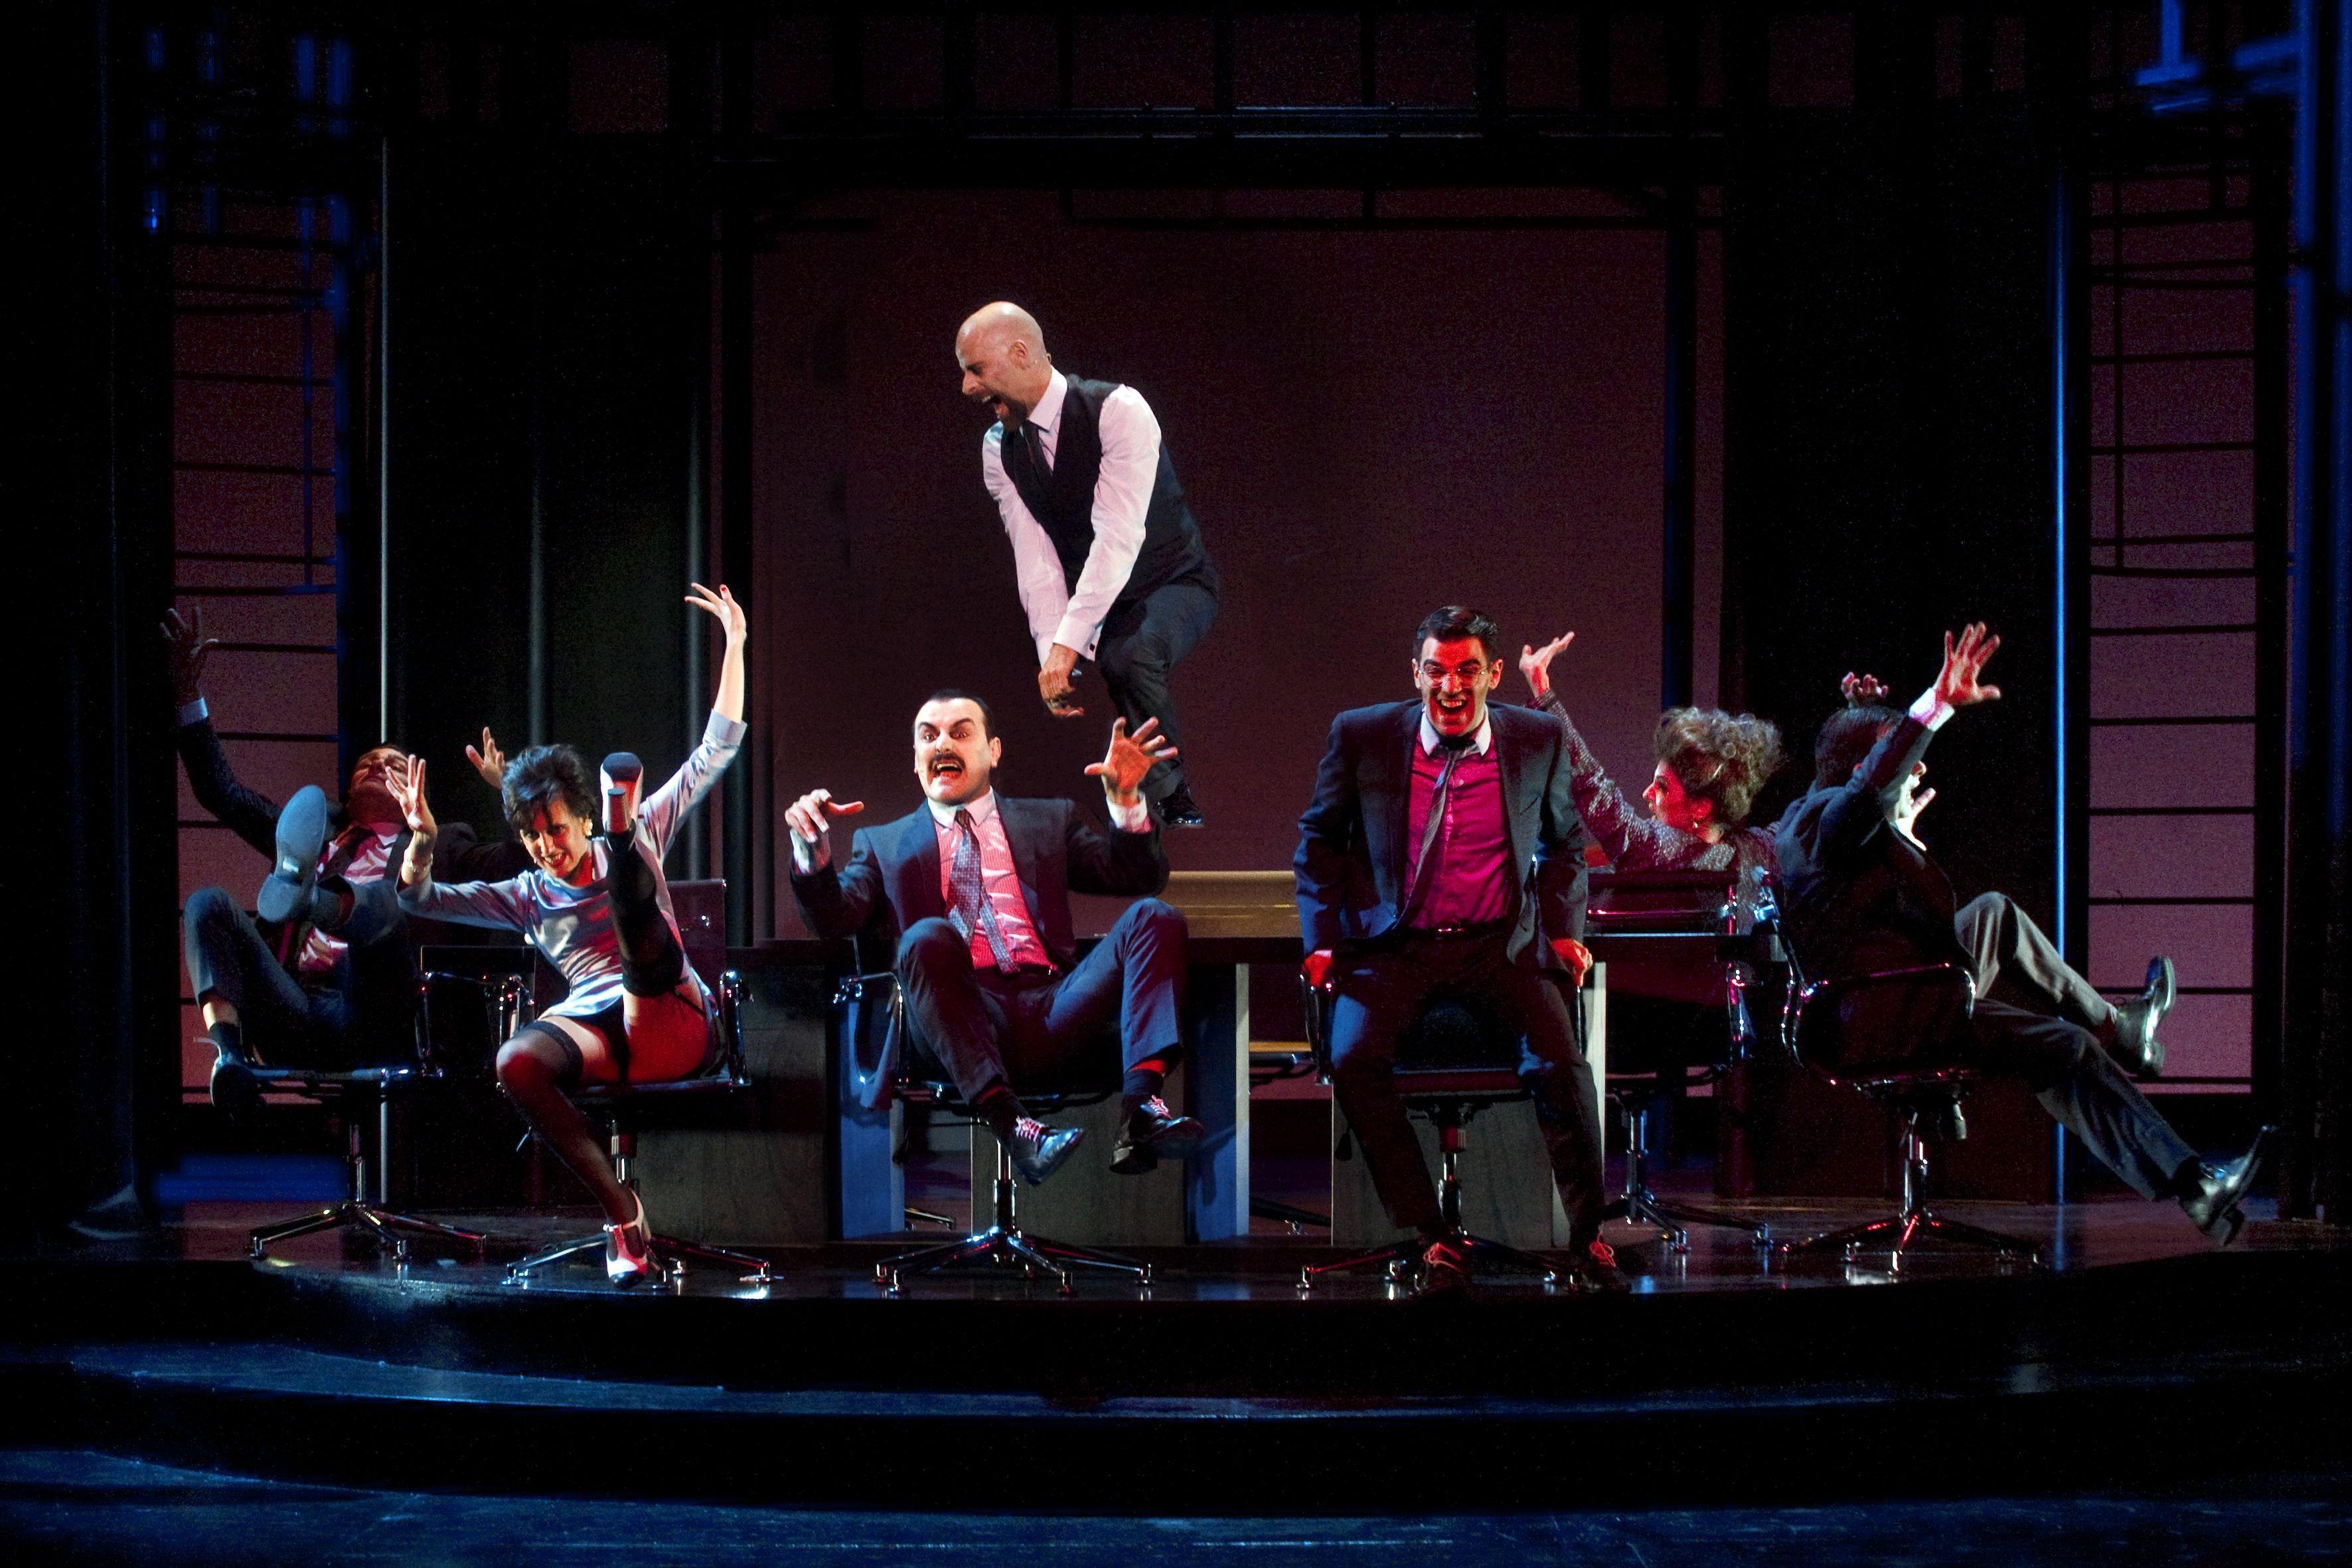 Frank V (Opereta d'una banca privada) - Teatre Lliure - (c) Ros Ribas